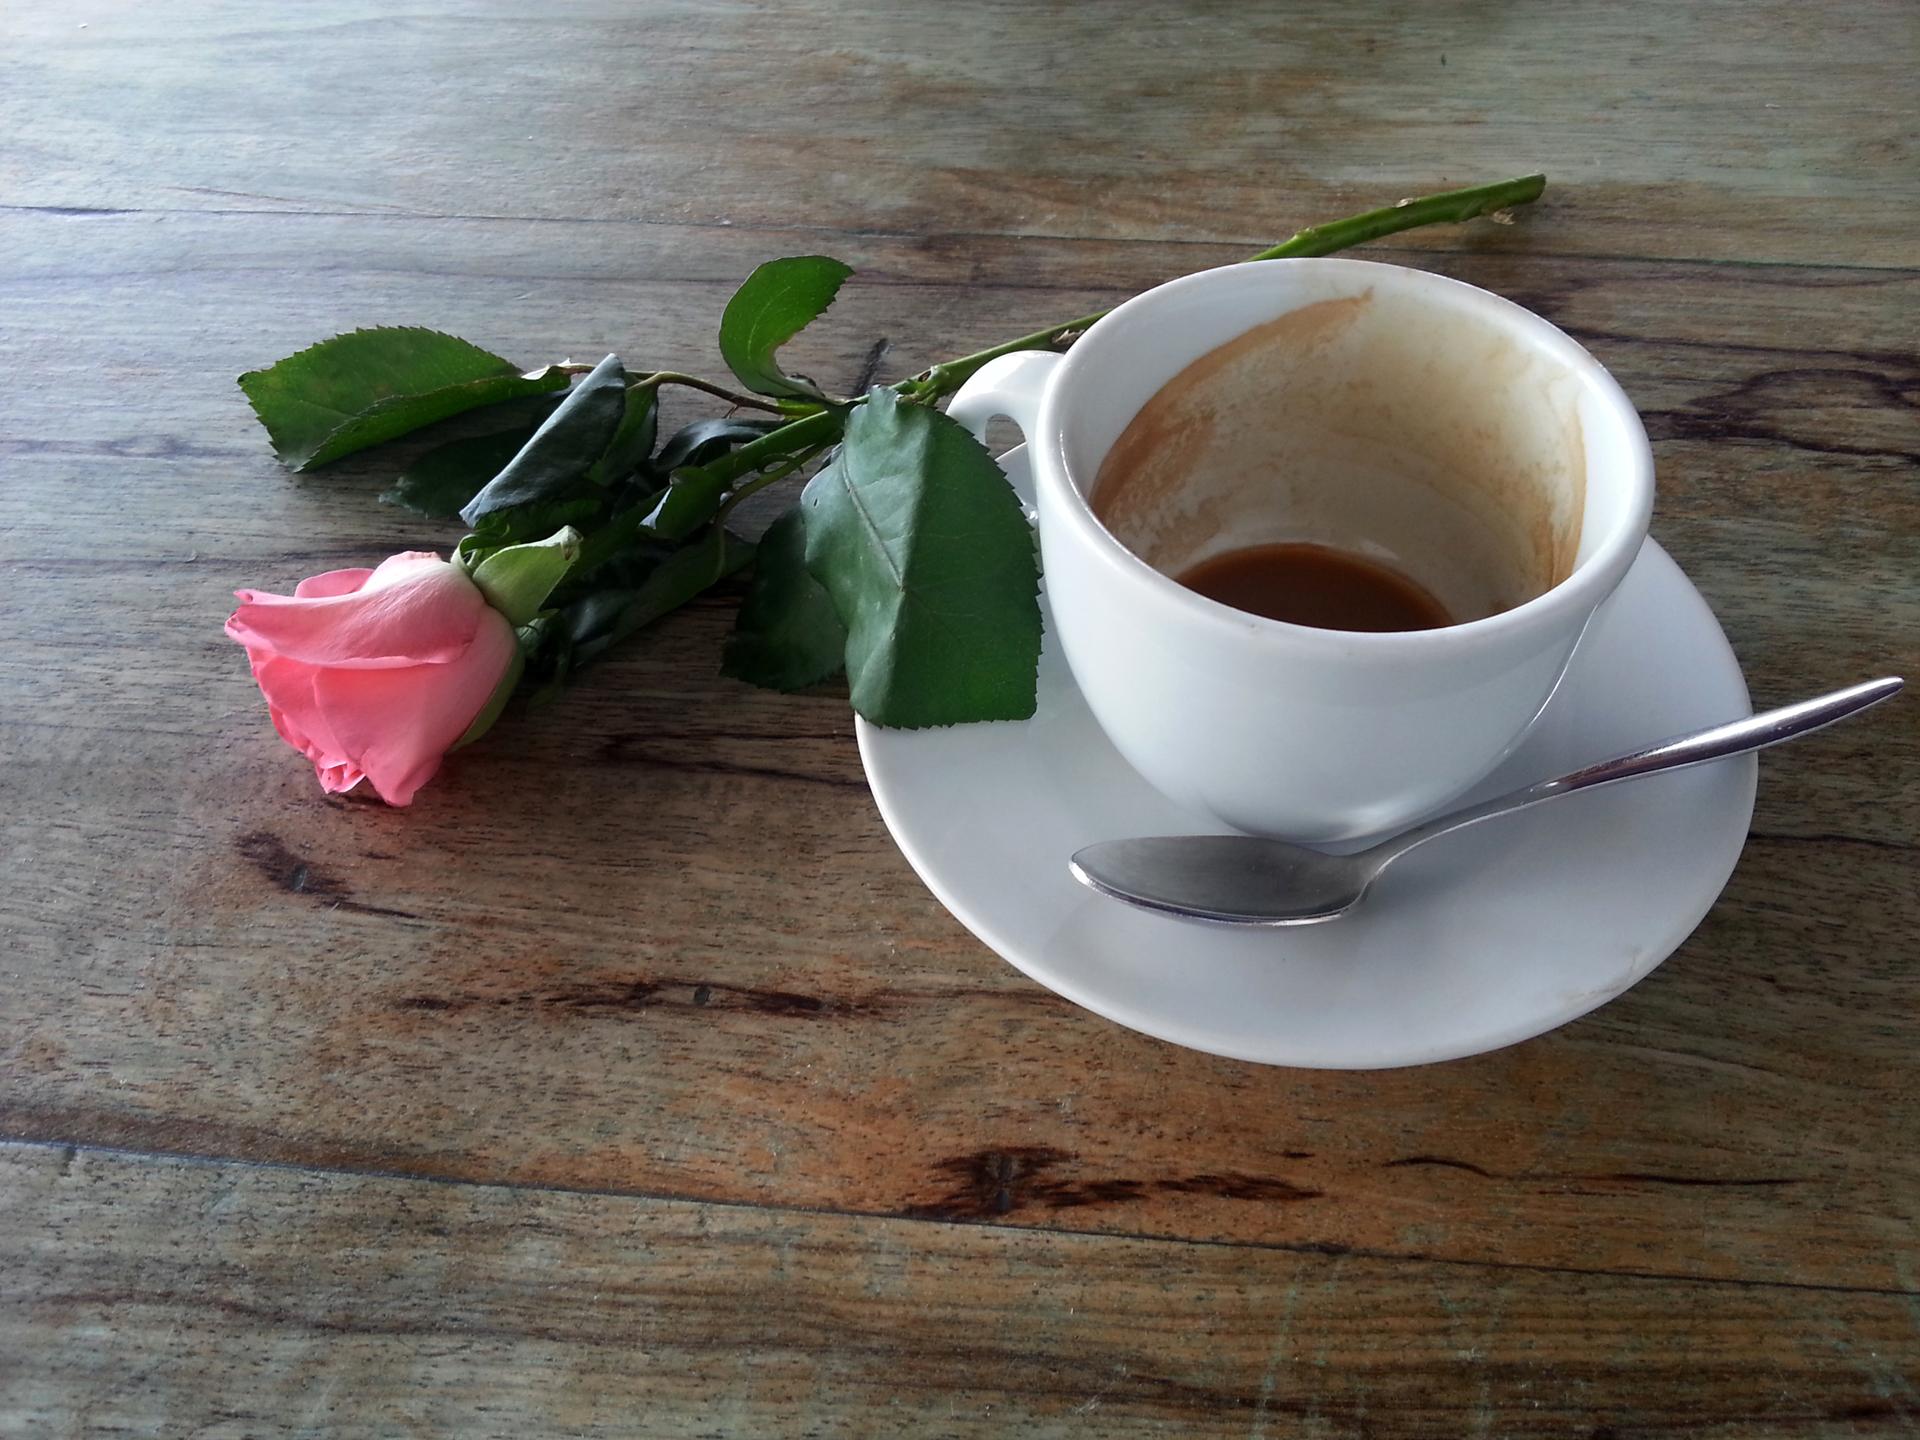 קפה דה פלור - יואל שתרוג - אדמה יוצרת - yoel sitruk